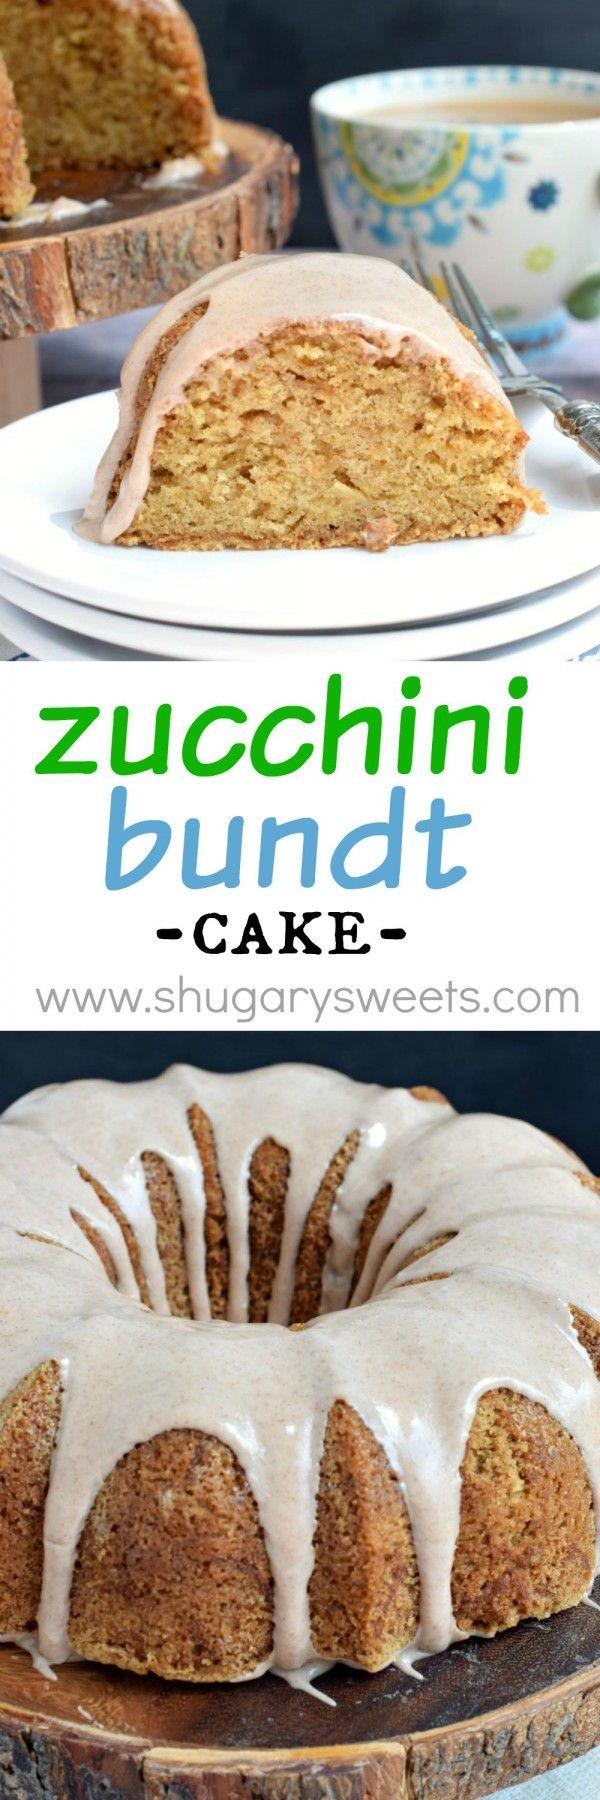 Best Way To Freeze A Bundt Cake